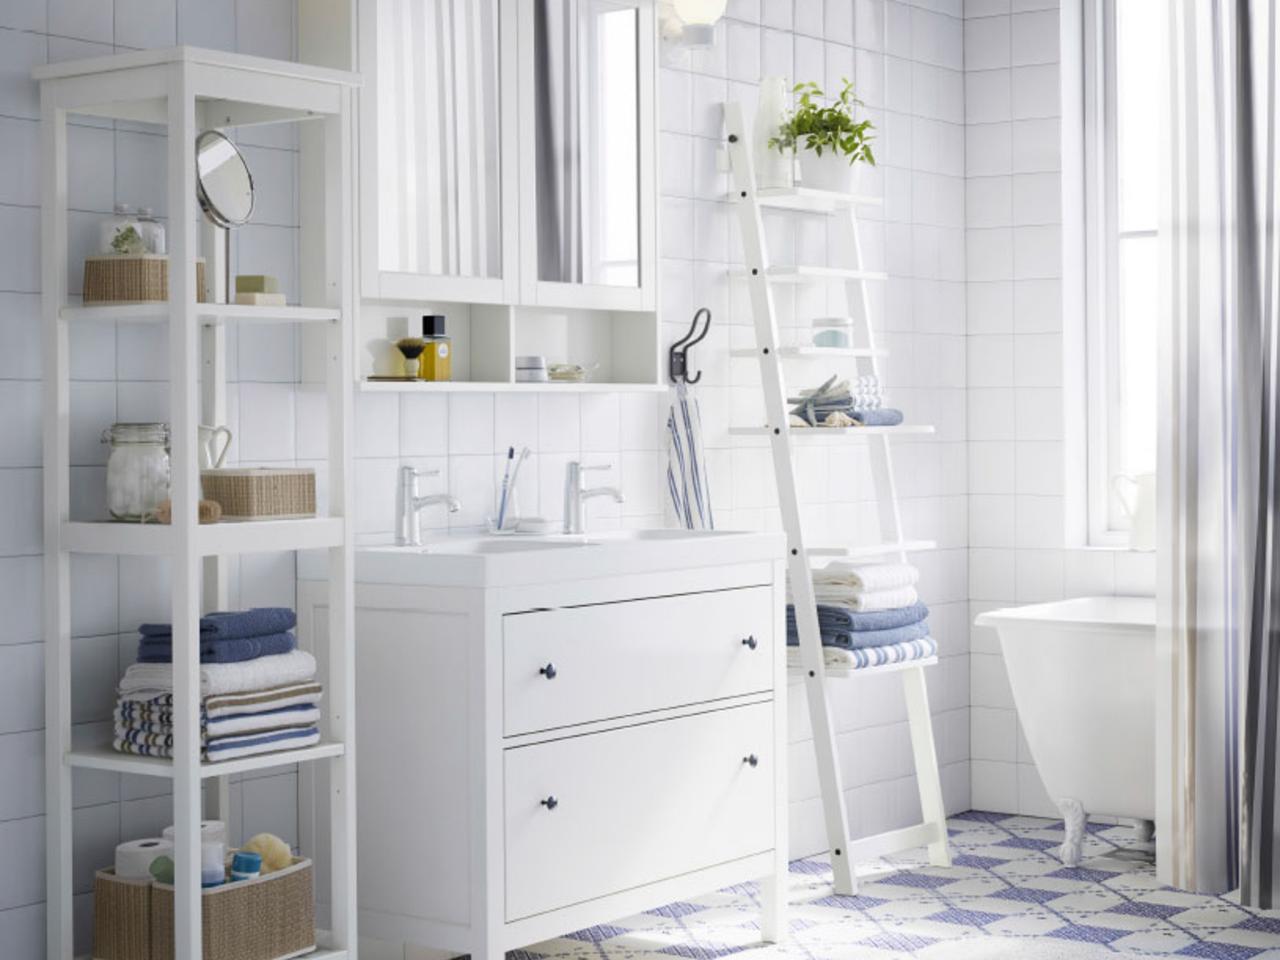 Ikea Bad im skandinavischen Stil